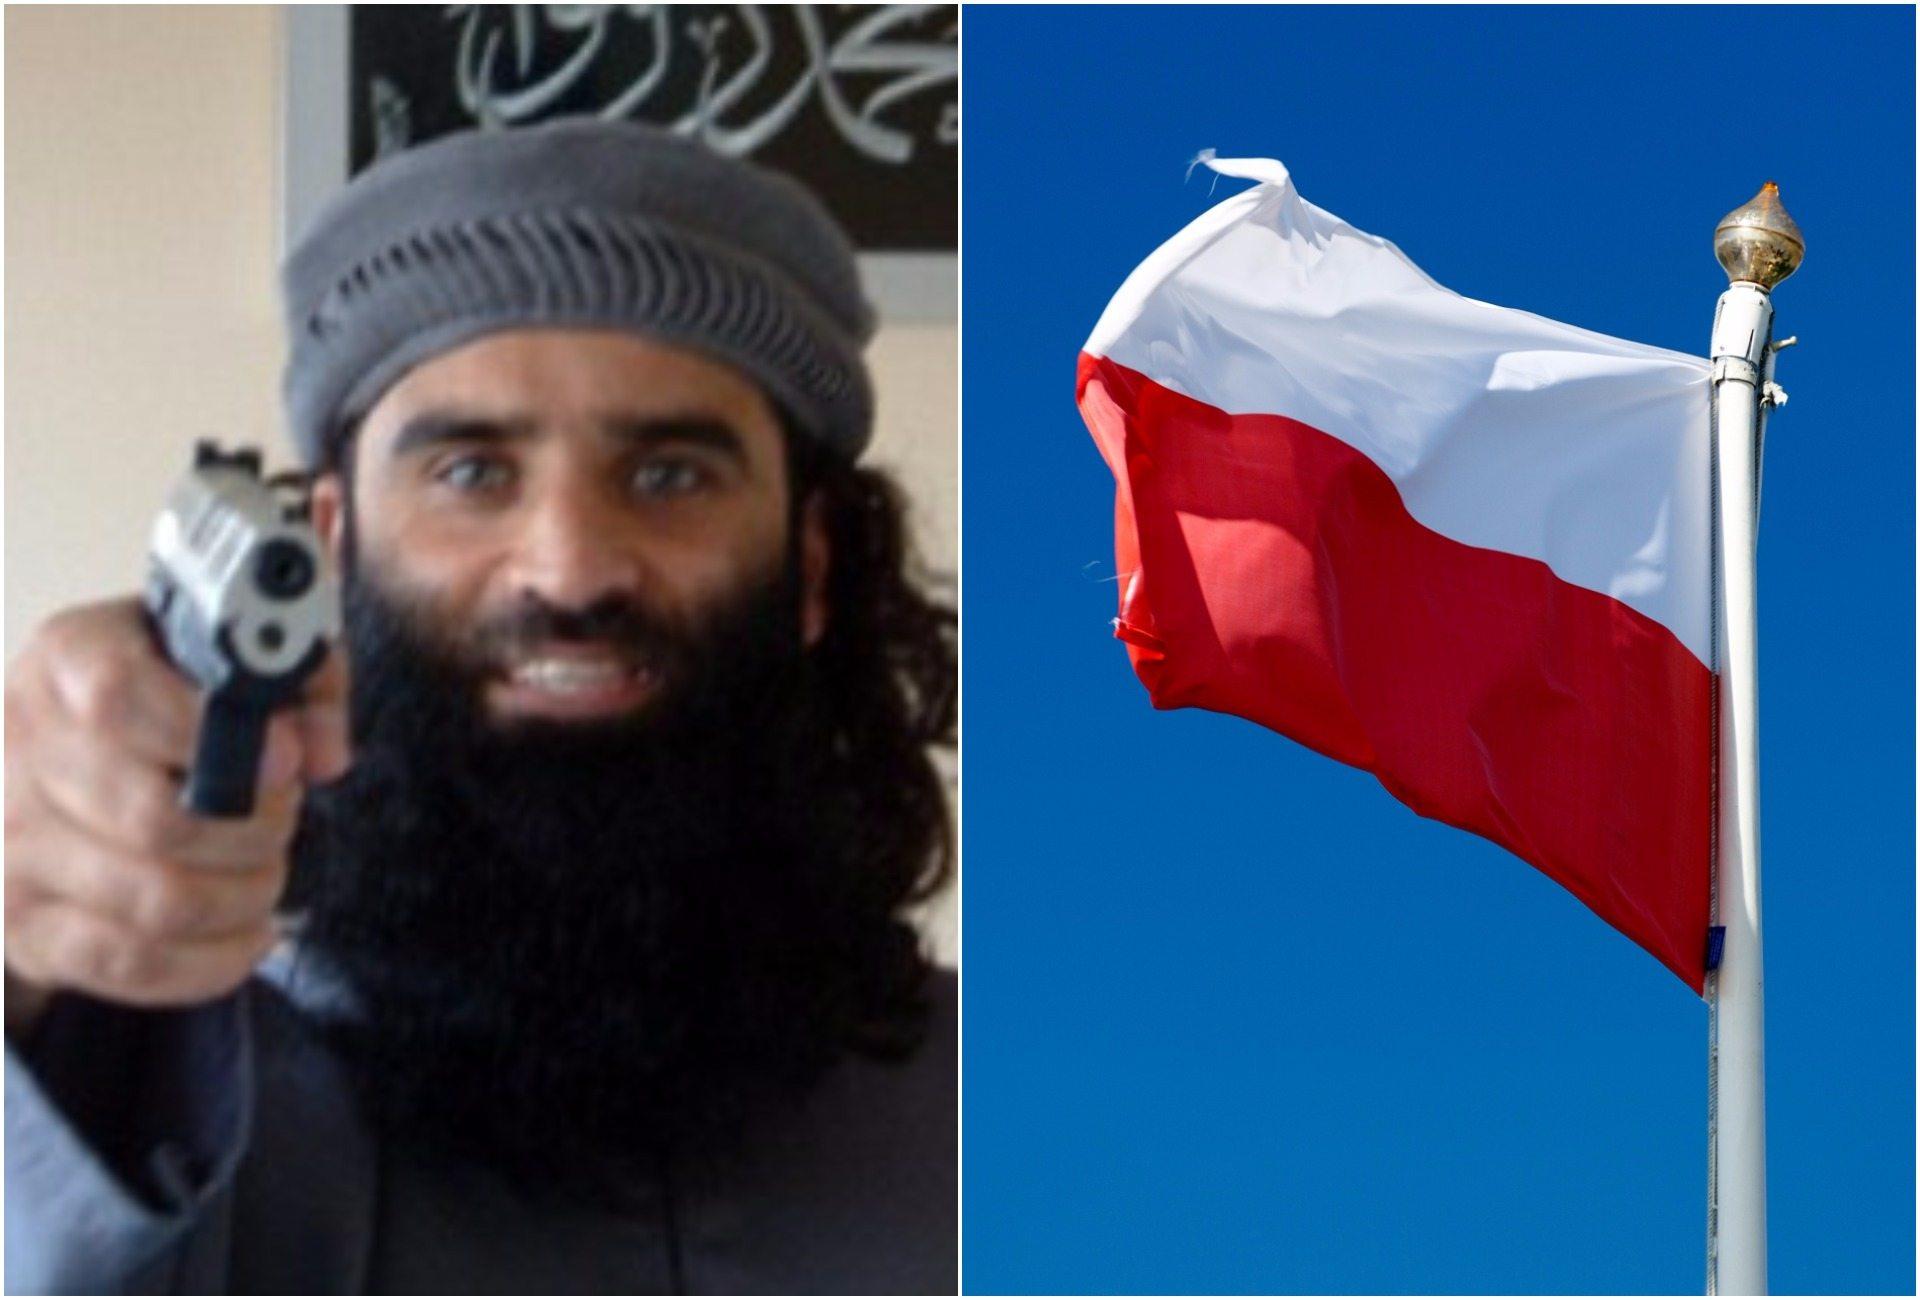 Ministerstwo Spraw Wewnętrznych o zagrożeniu terrorystycznym w Polsce